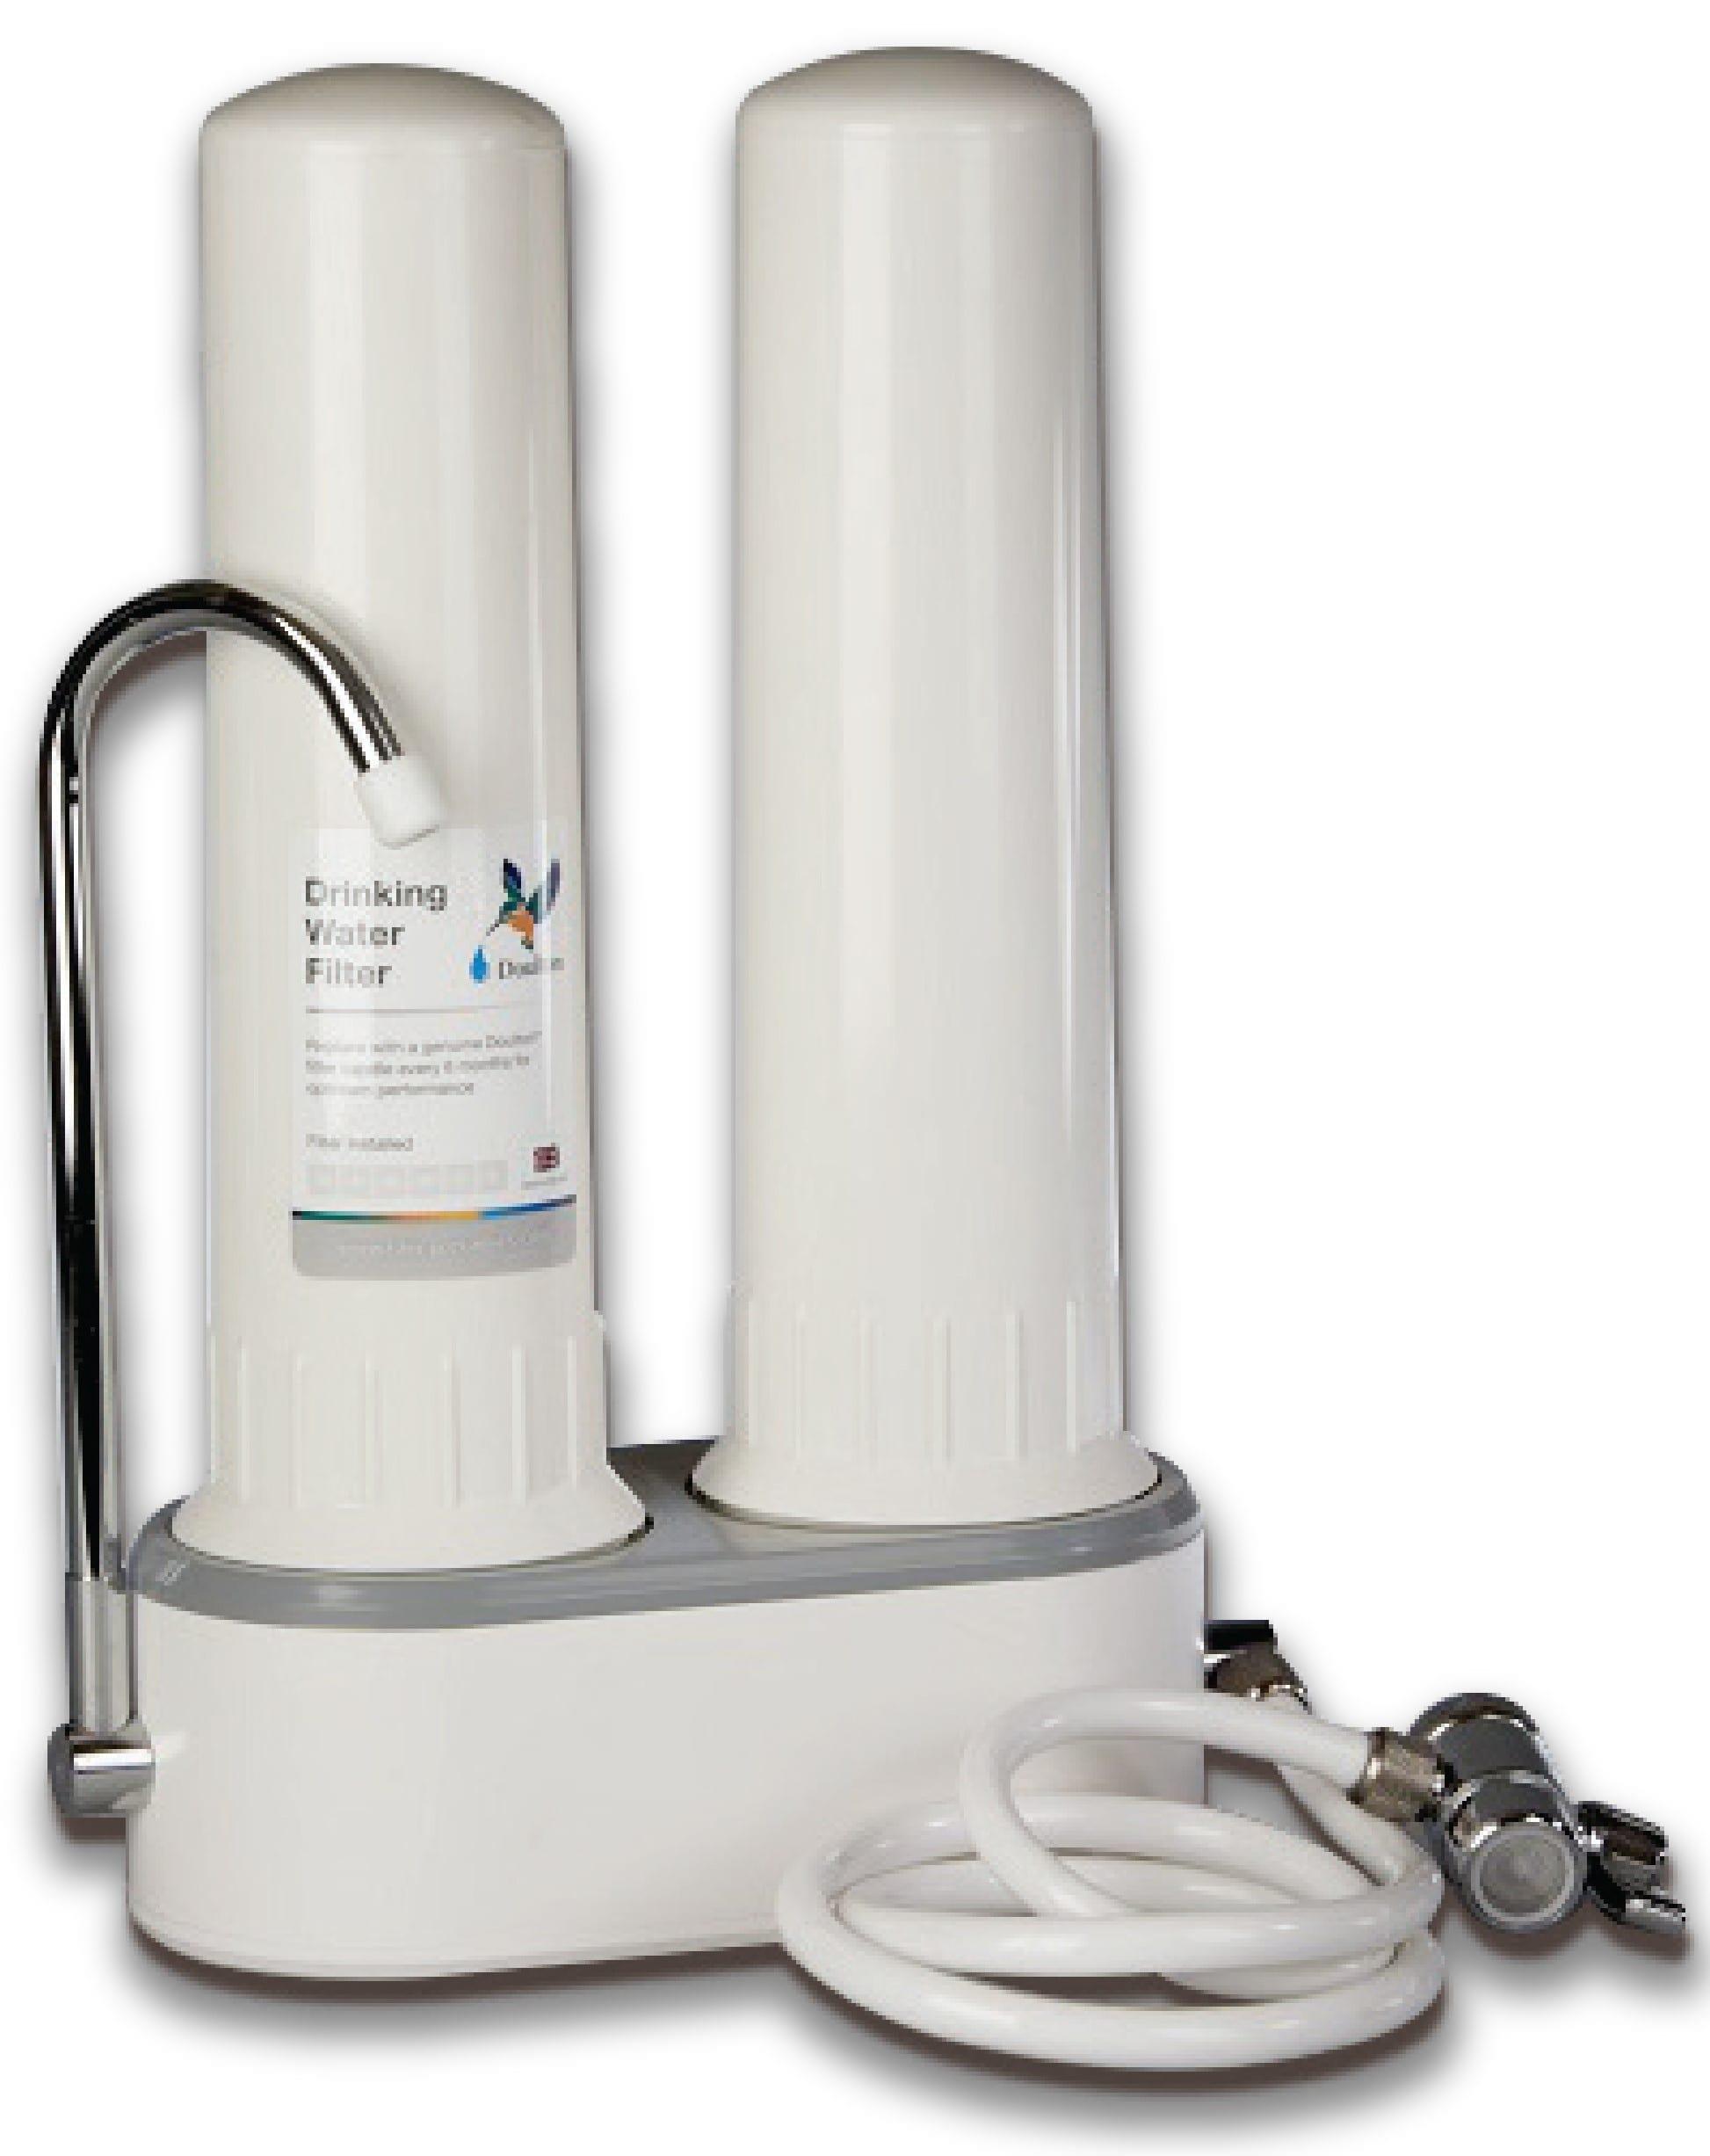 Los filtros de agua para casa que vende Doctor Agua, son la mejor solución para poder beber agua en casa de forma cómoda, práctica y ecológica. Los filtros de agua para casa son ecológicos y respetuosos con el medio ambiente y ayudan a ahorrar.